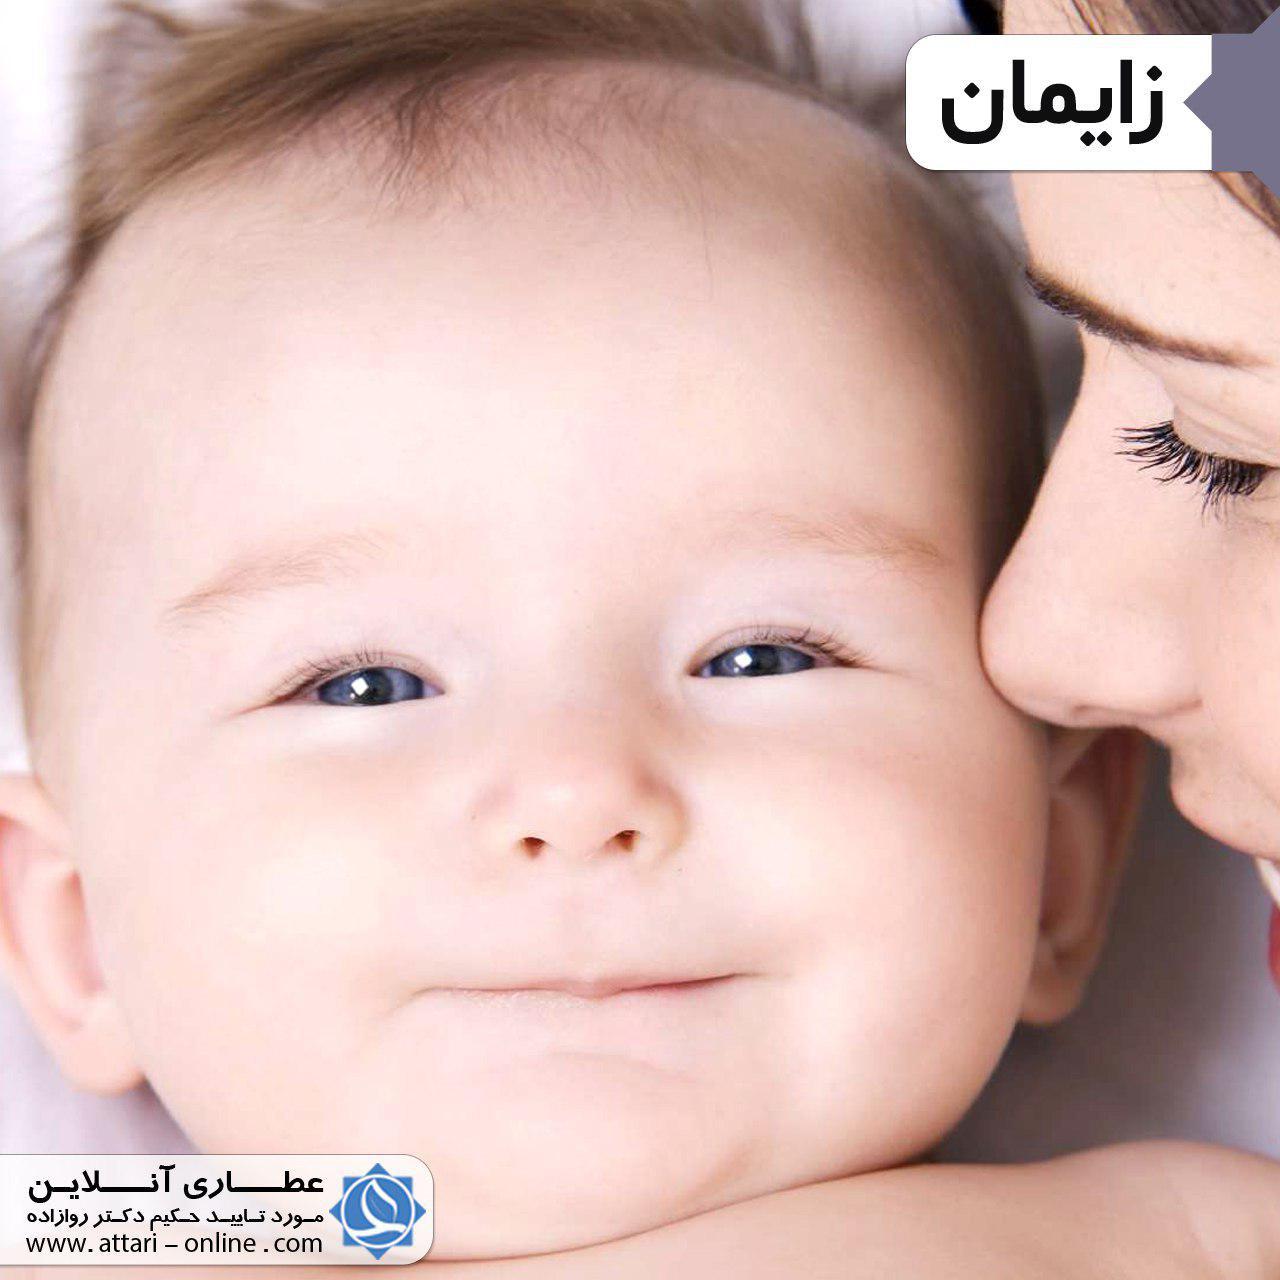 659444 1 فواید زایمان طبیعی برای نوزاد و مادر